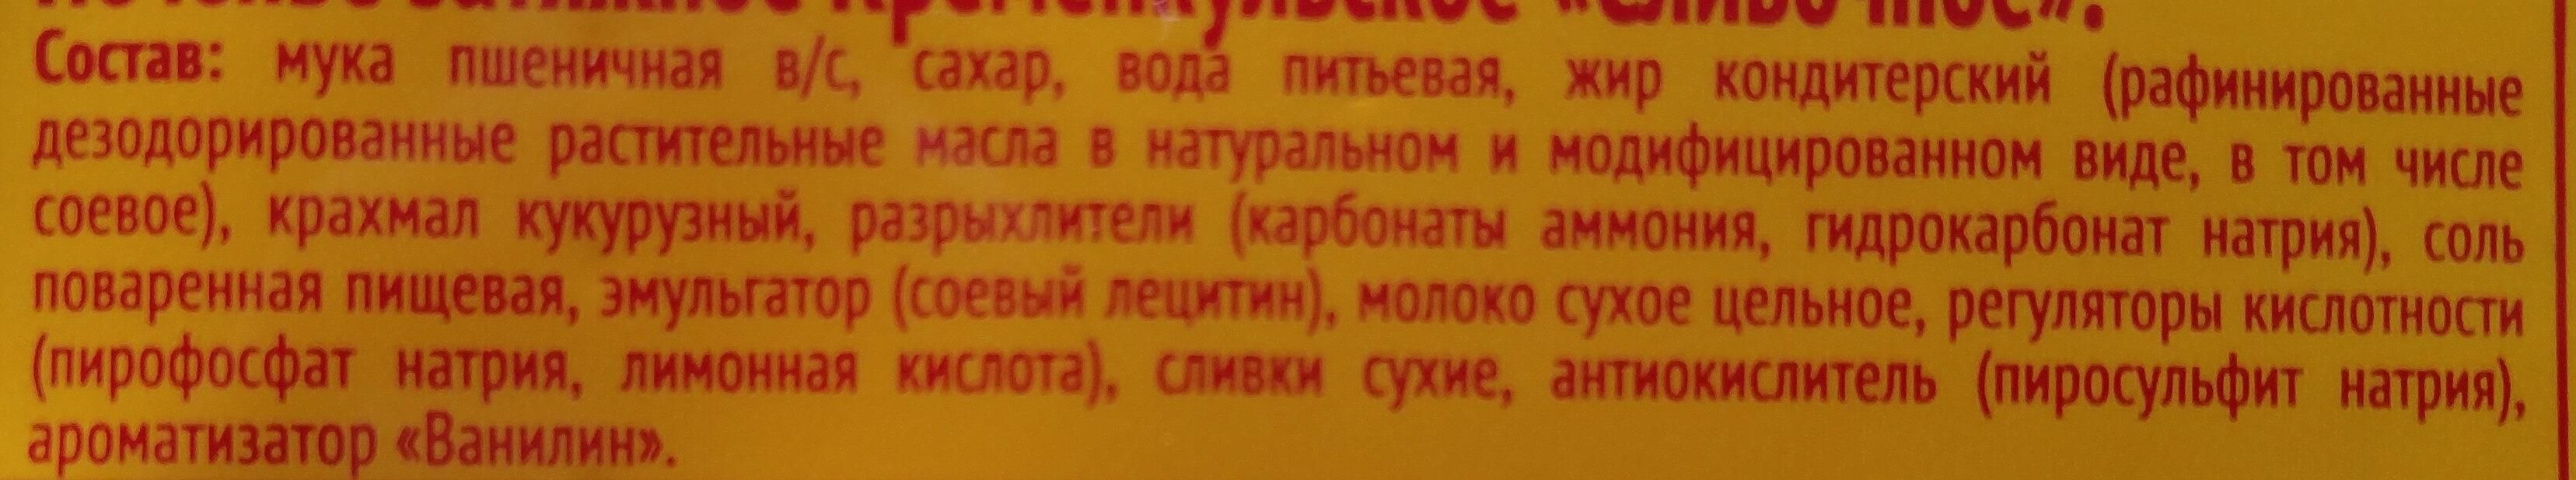 Печенье затяжное Кременкульское «Сливочное» - Inhaltsstoffe - ru